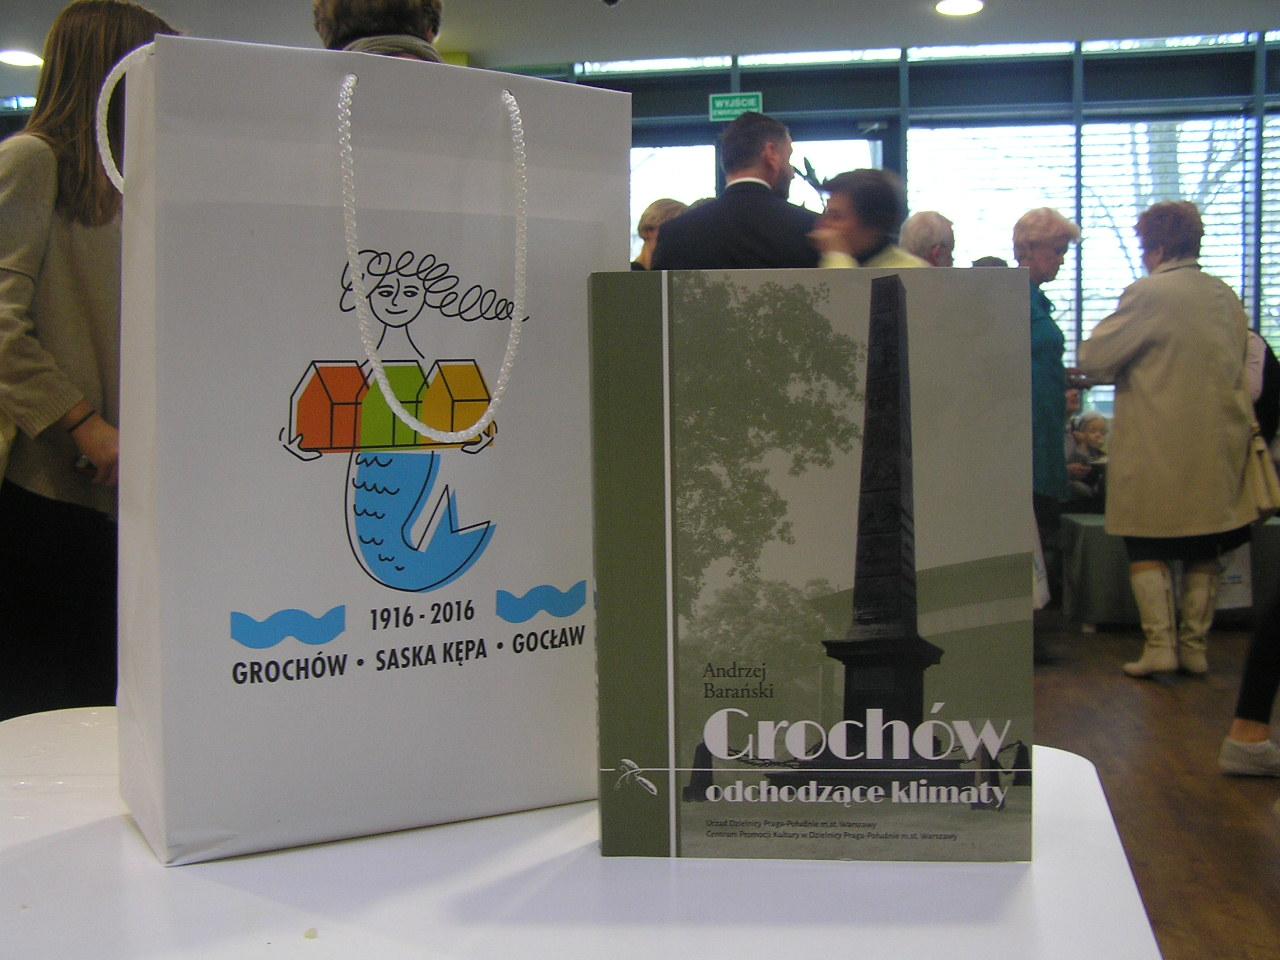 Grochów - odchodzące klimaty. Imponująca monografia Grochowa